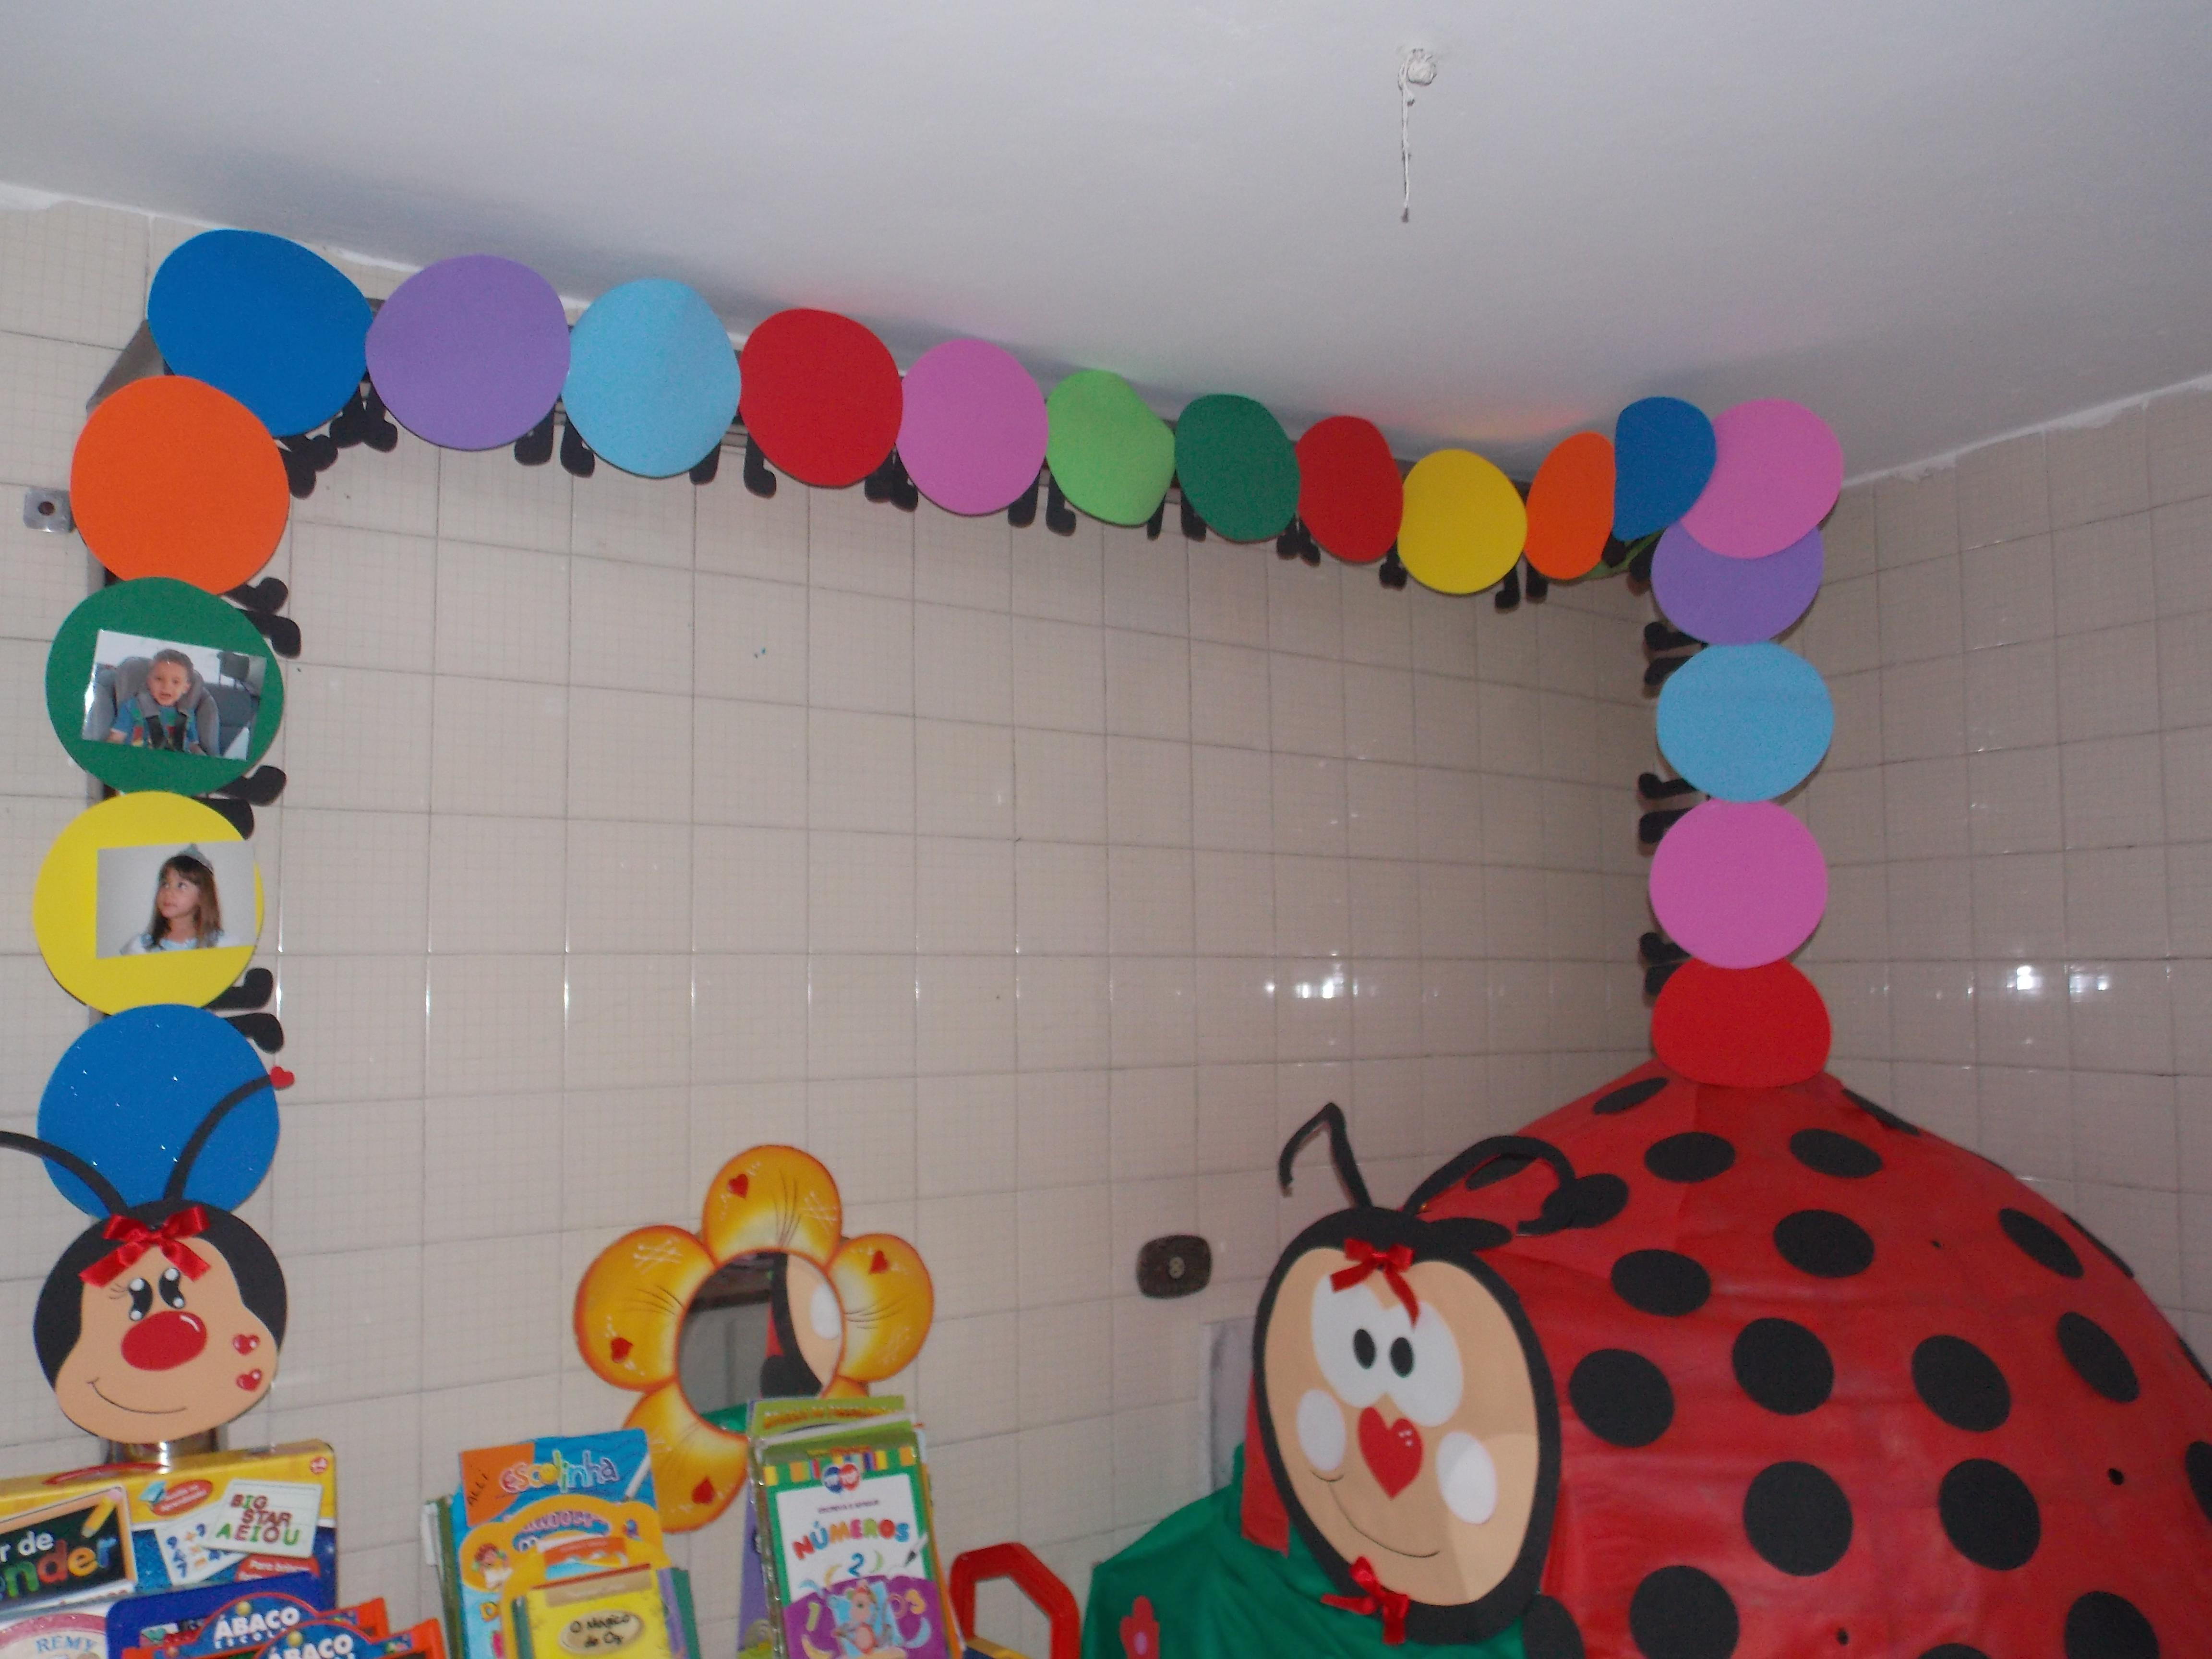 decoracao de sala aula educacao infantil : decoracao de sala aula educacao infantil:decoracao-sala-de-aula-artesanato-em-eva decoracao-sala-de-aula